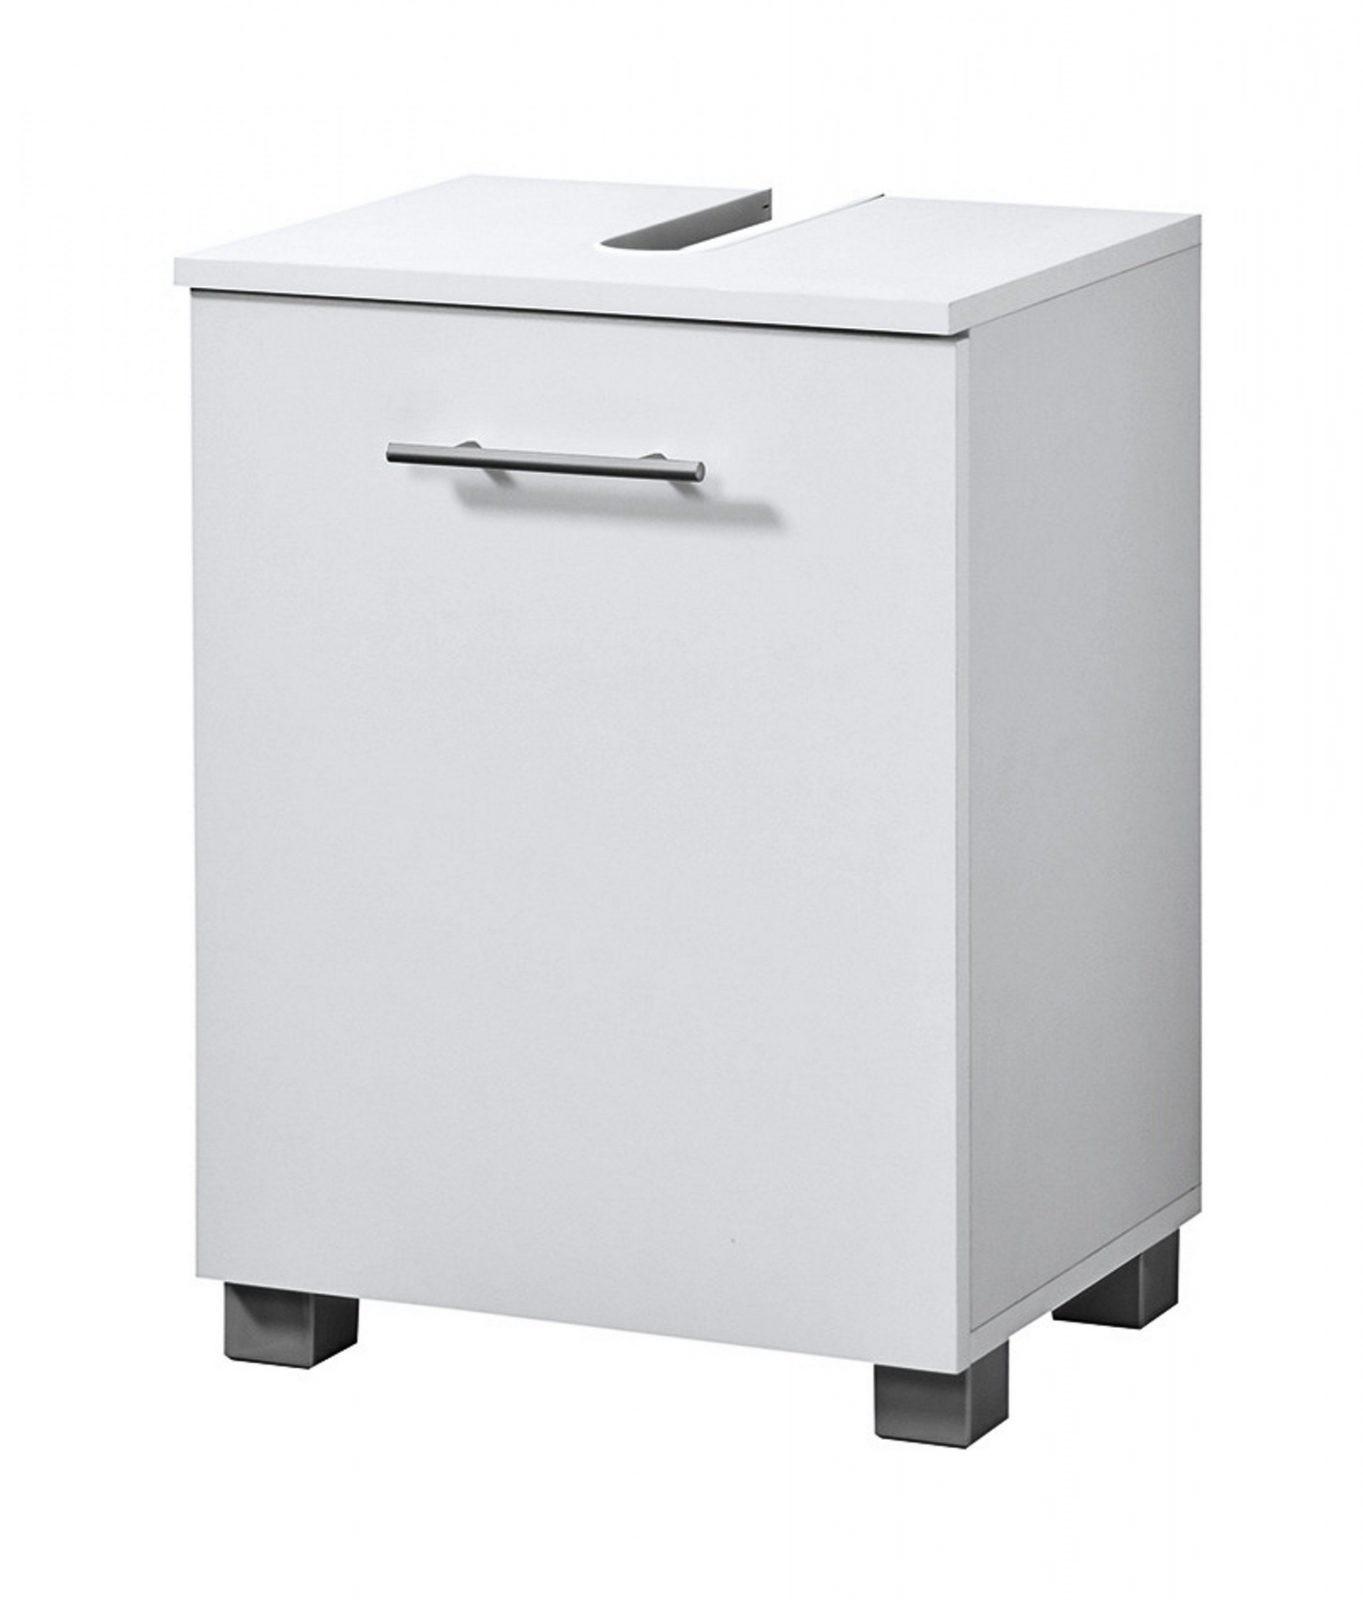 Kesperterschrank Palmaa Breite Cm Bestellen Baur Aus Metall Klein von Waschbeckenunterschrank 40 Cm Breit Bild